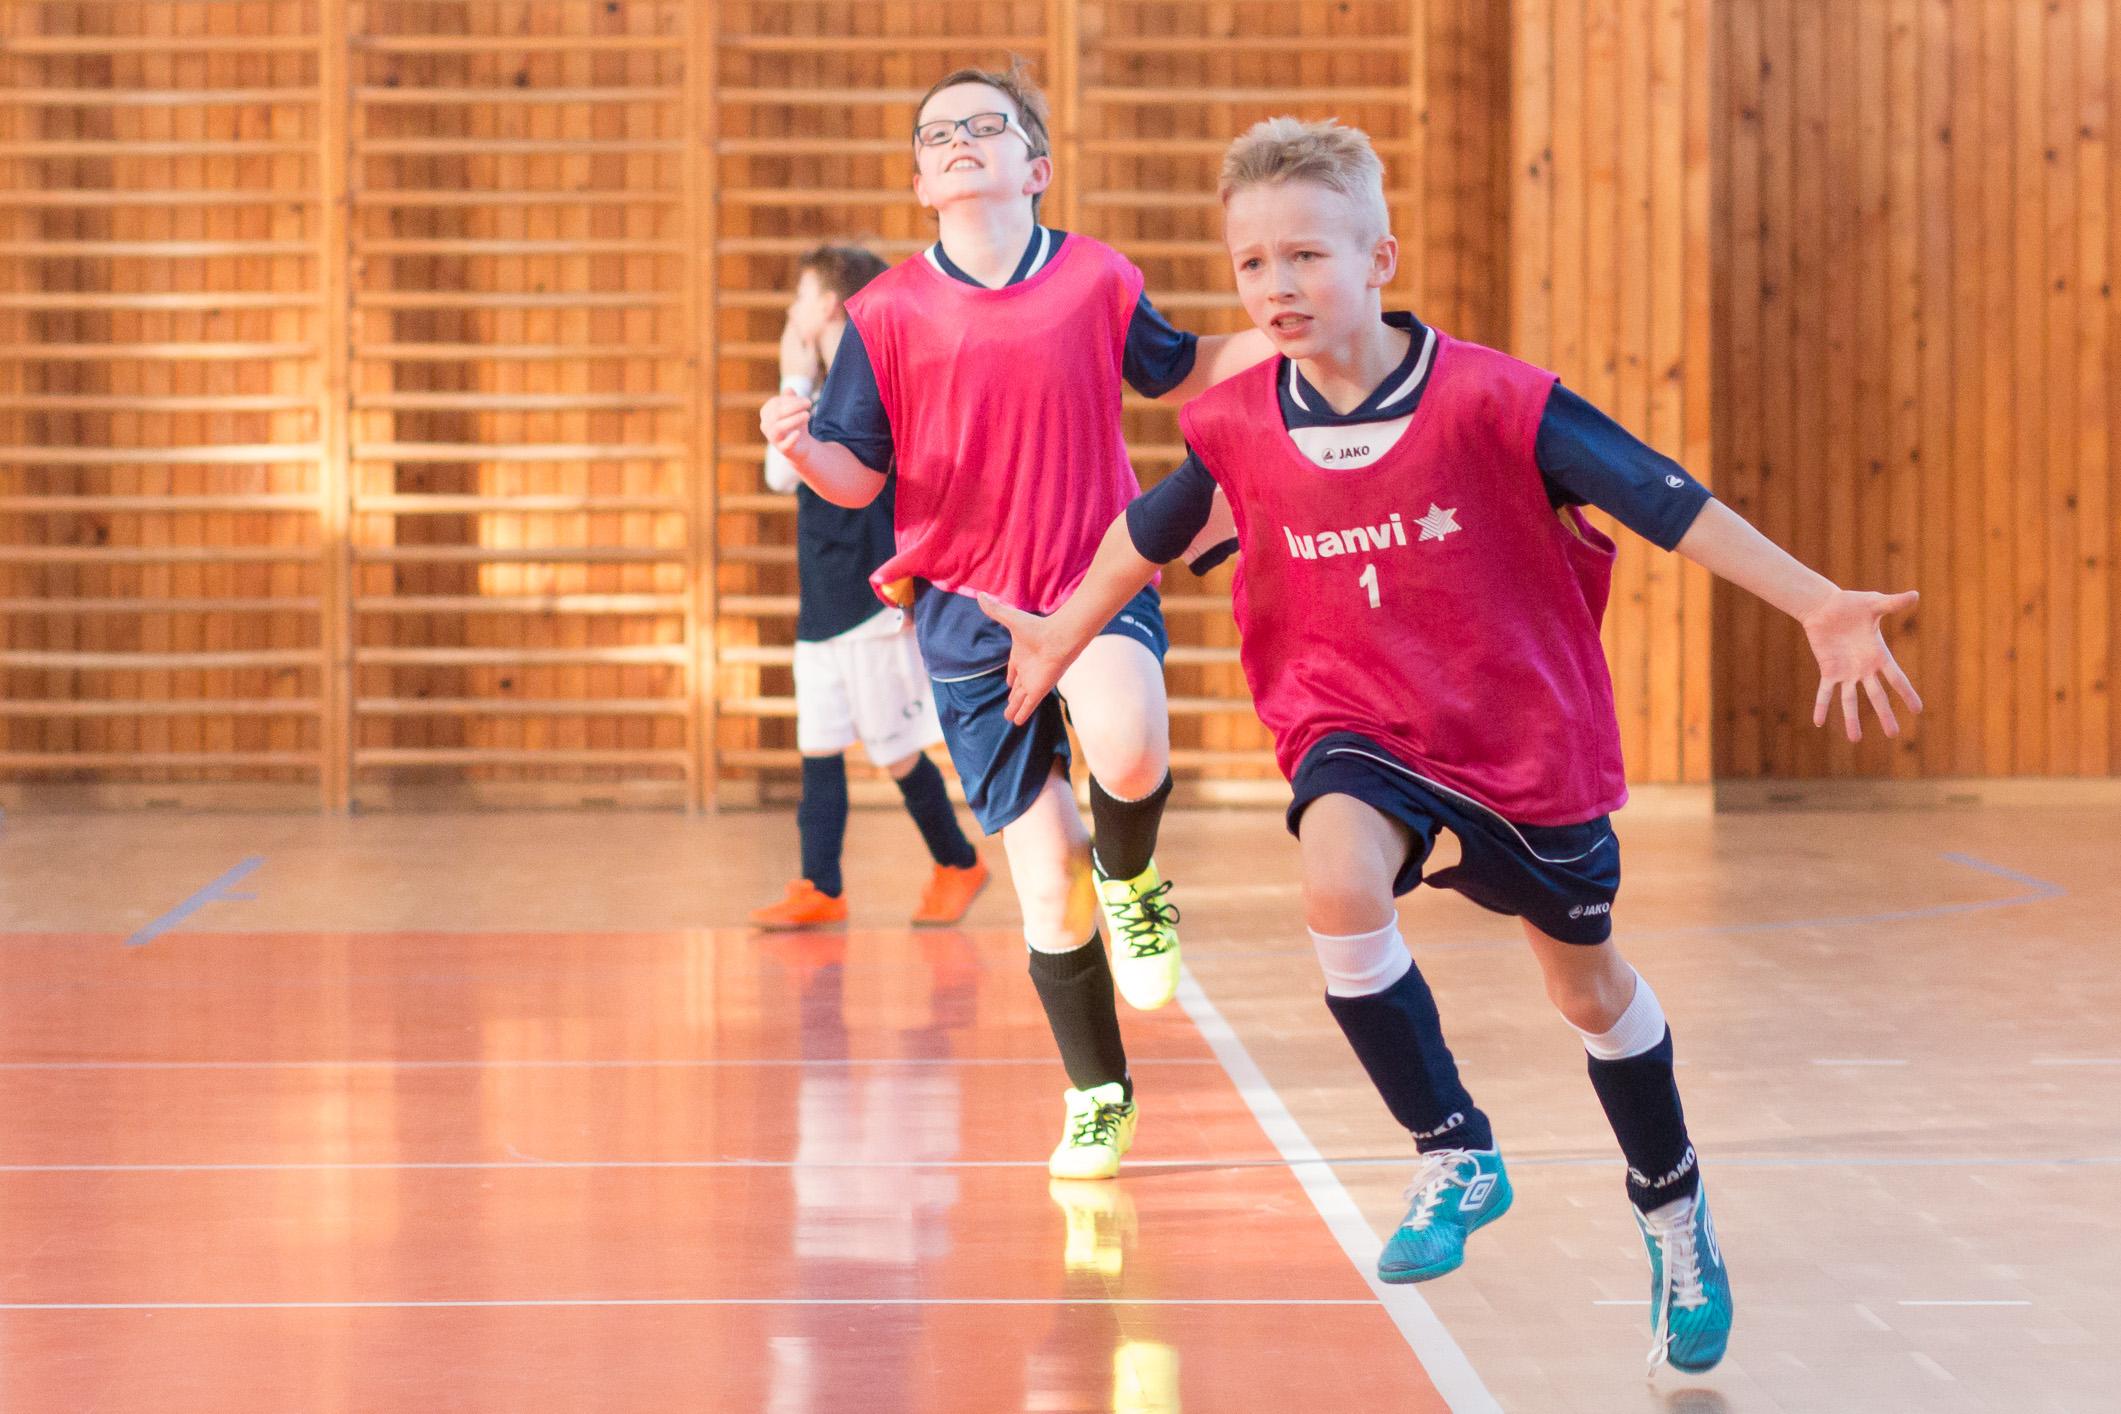 novorocny-turnaj-minifutbal-zvolen-141